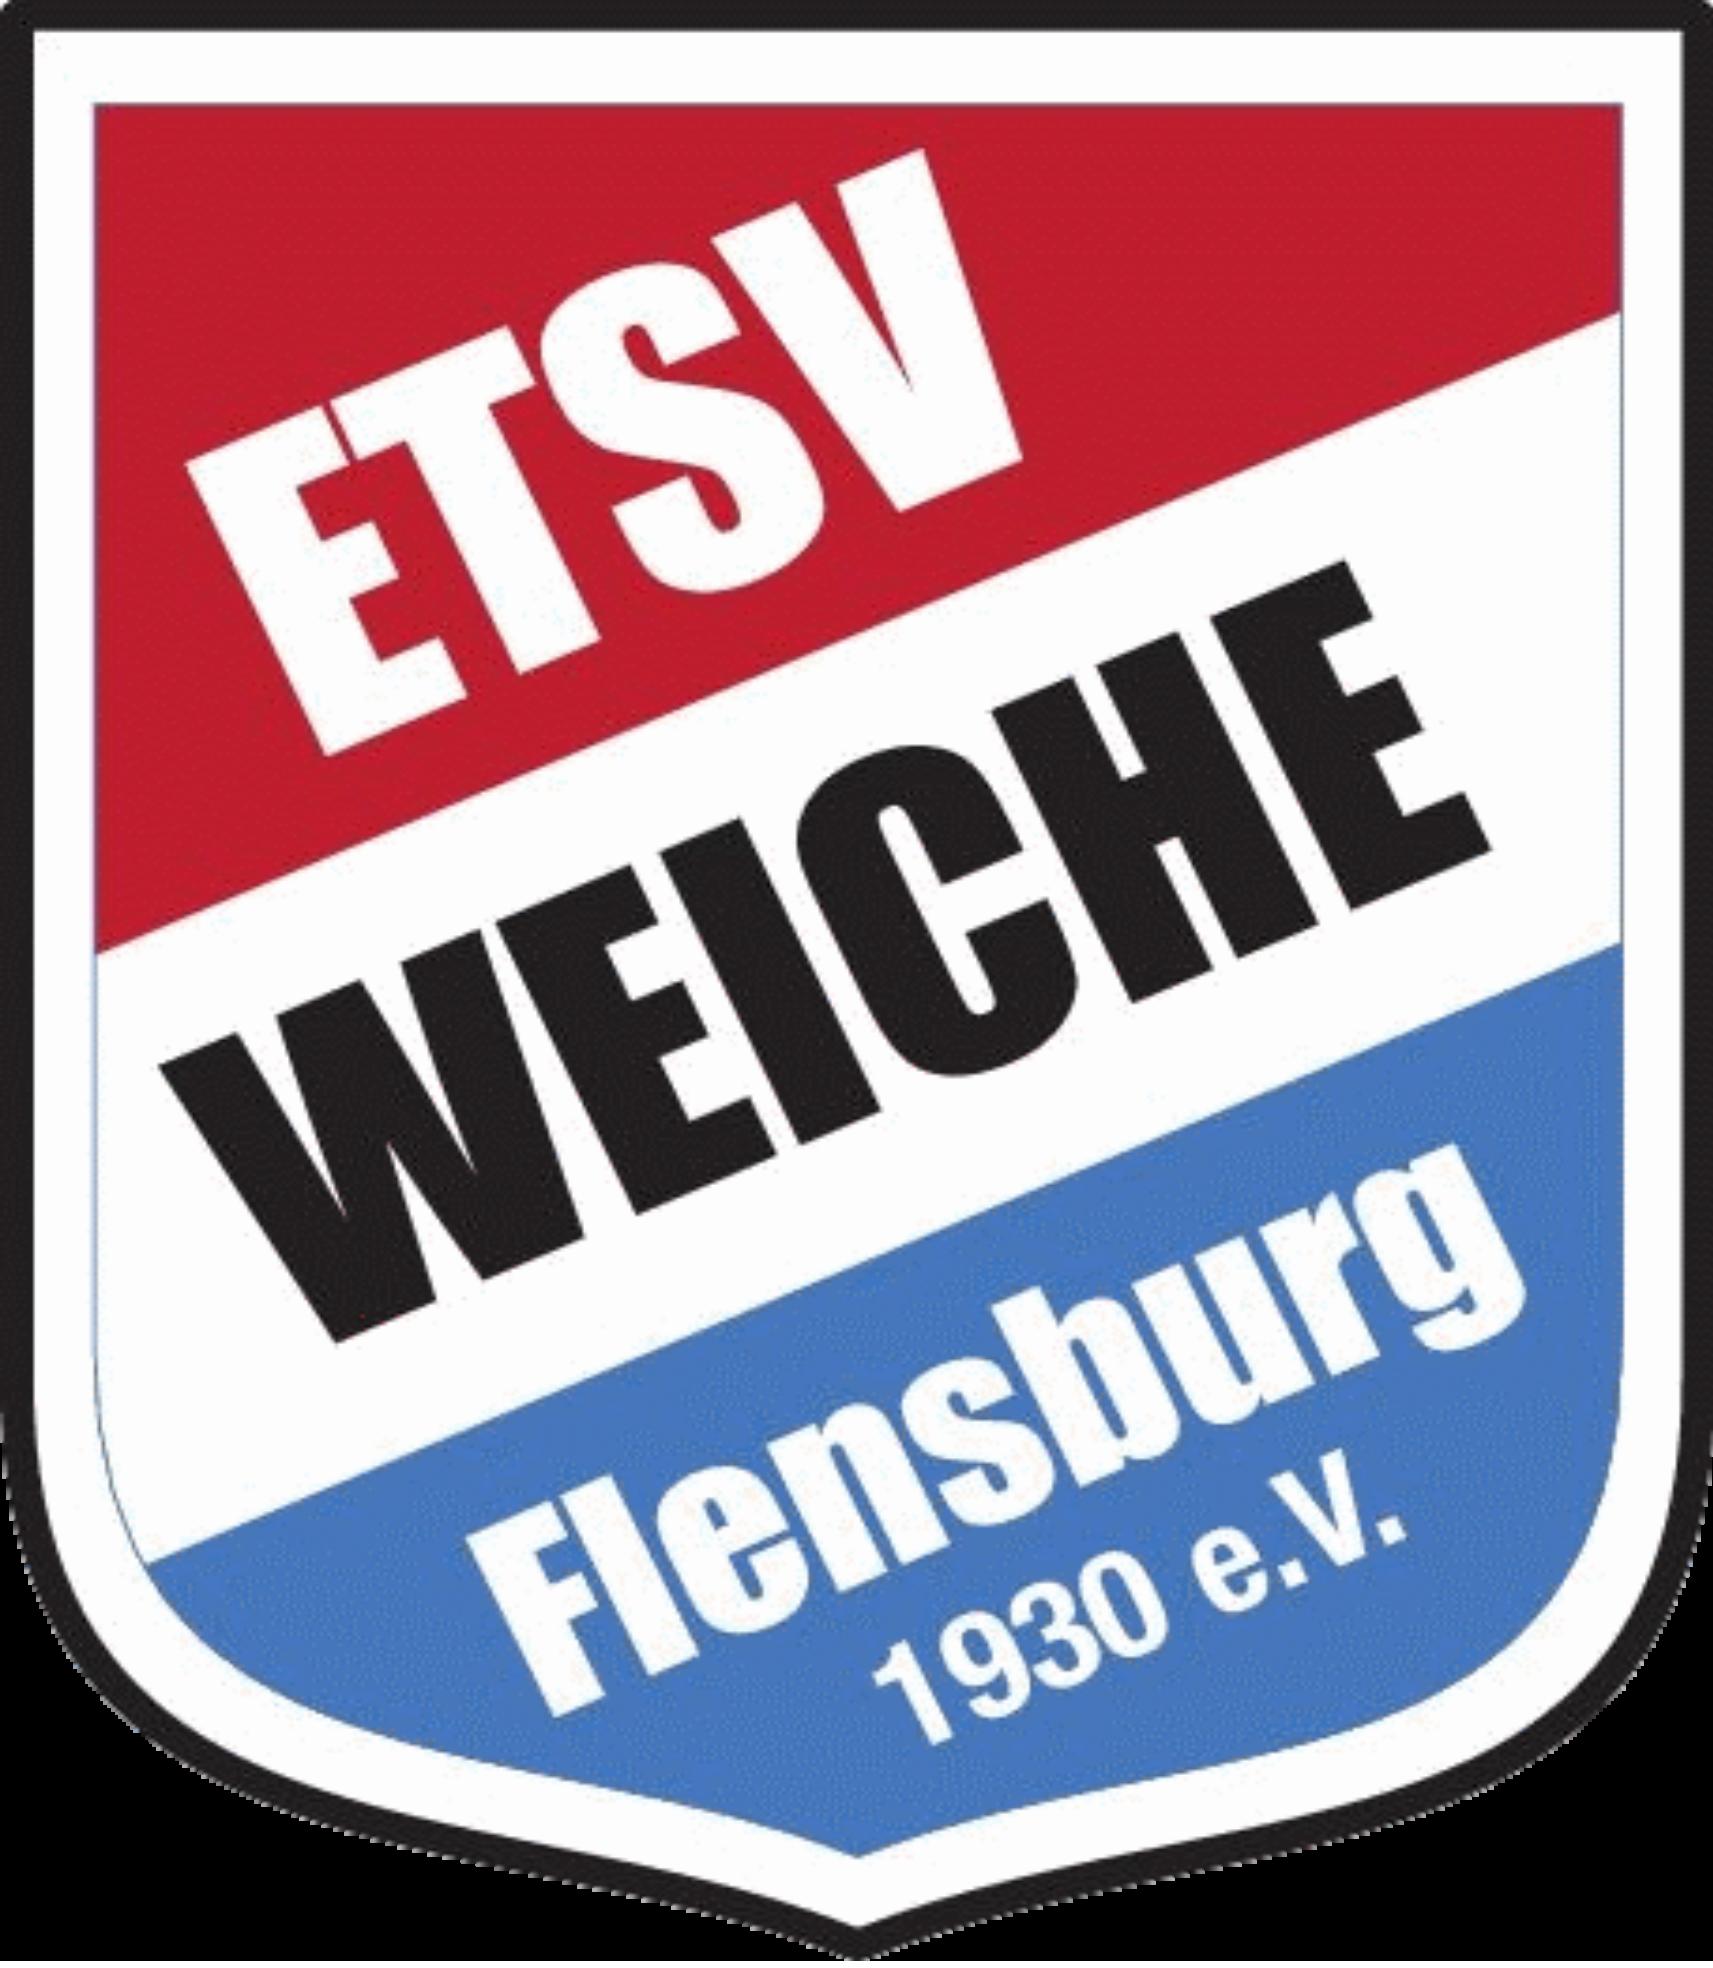 Wappen / Logo des Teams ETSV Weiche Flensburg 2